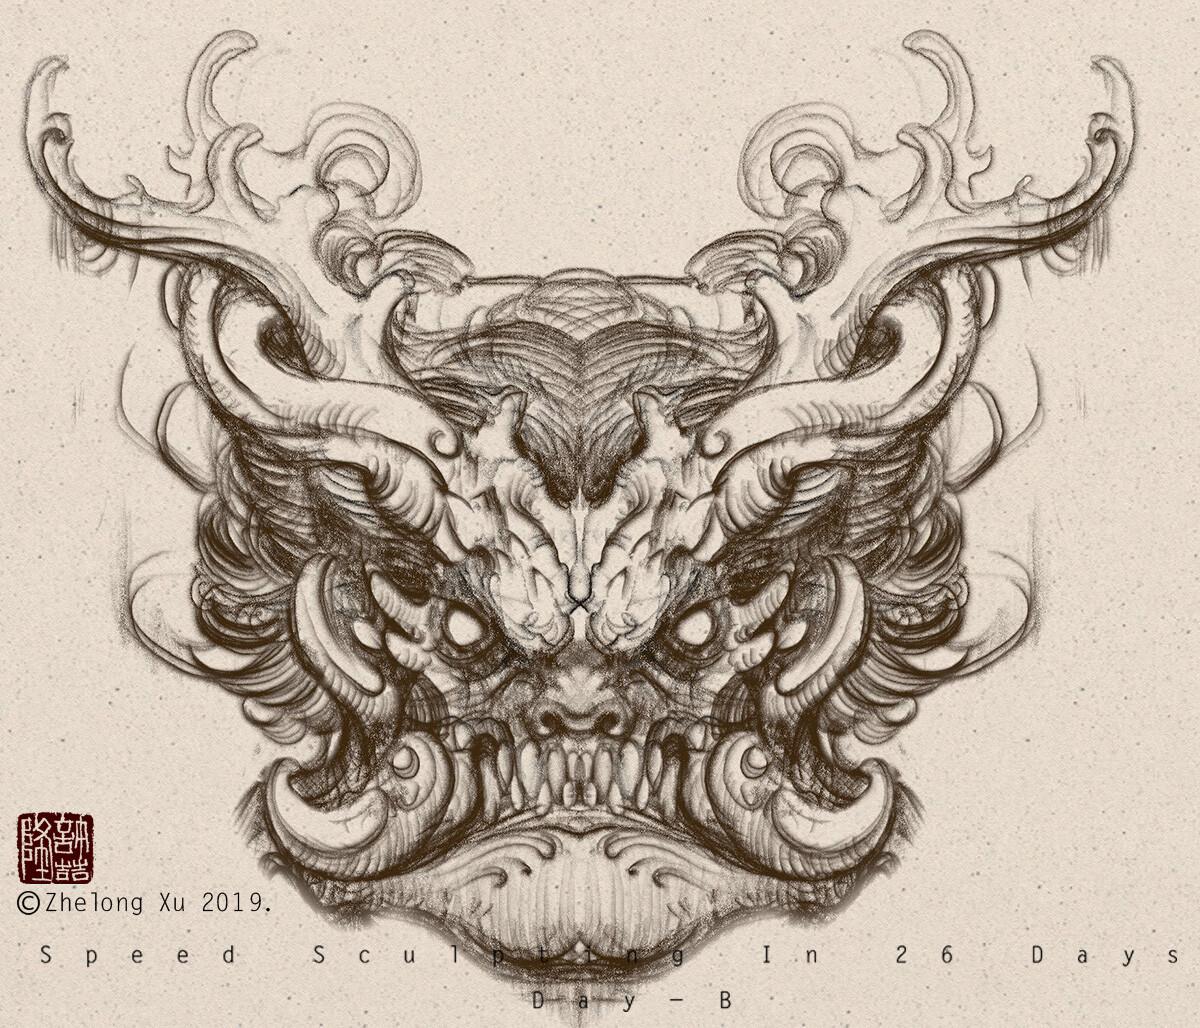 Zhelong xu sketch02